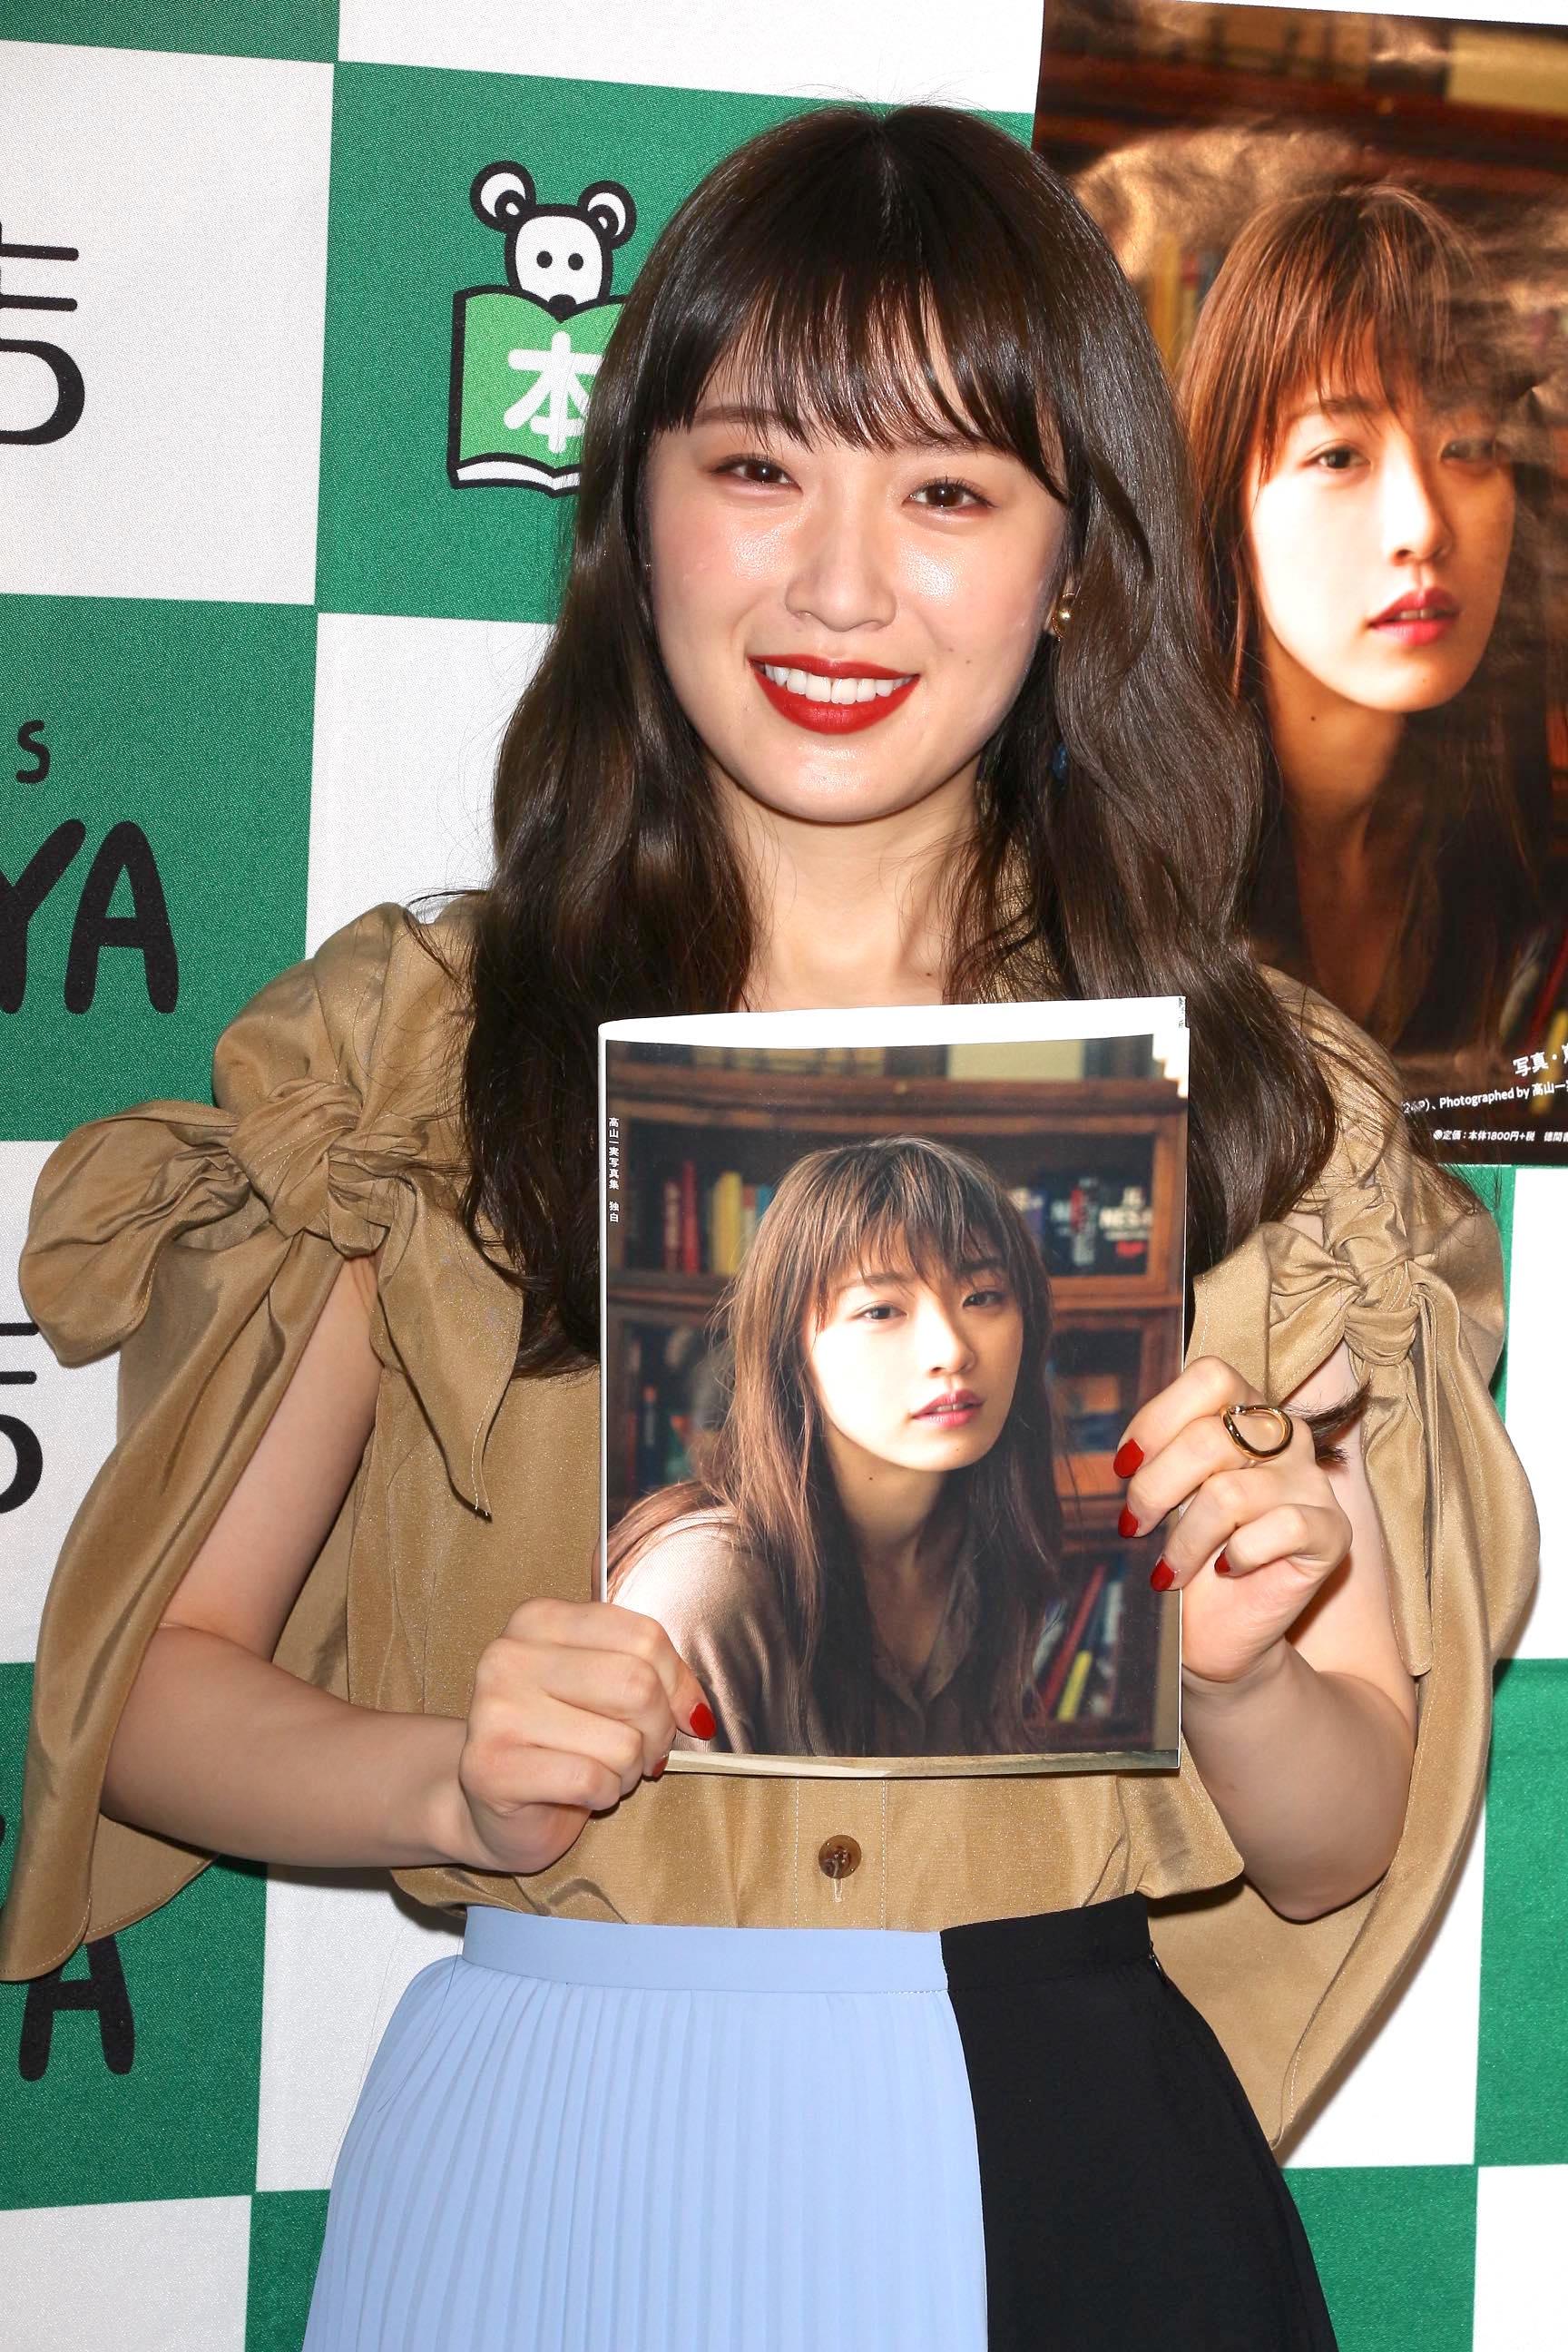 乃木坂46高山一実「笑っていない顔」を選んだ理由。『独白』インタビュー(5/5)の画像002